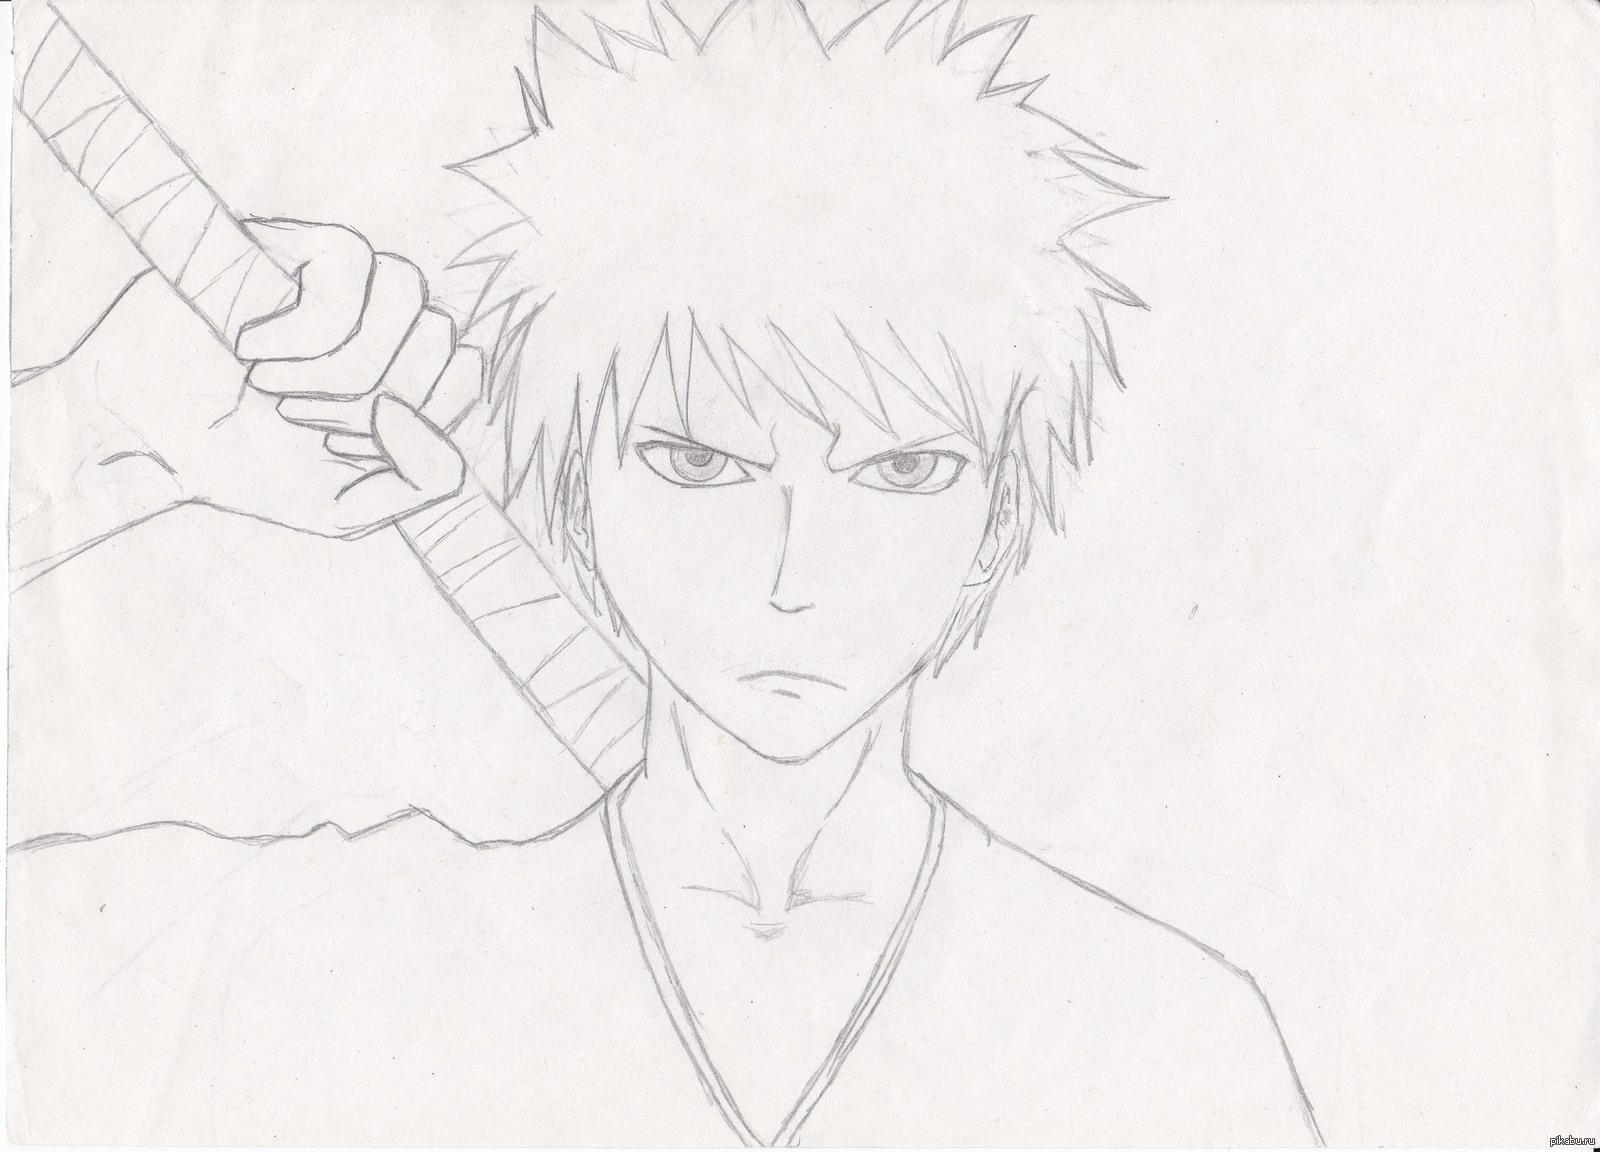 Картинки аниме блич для срисовки